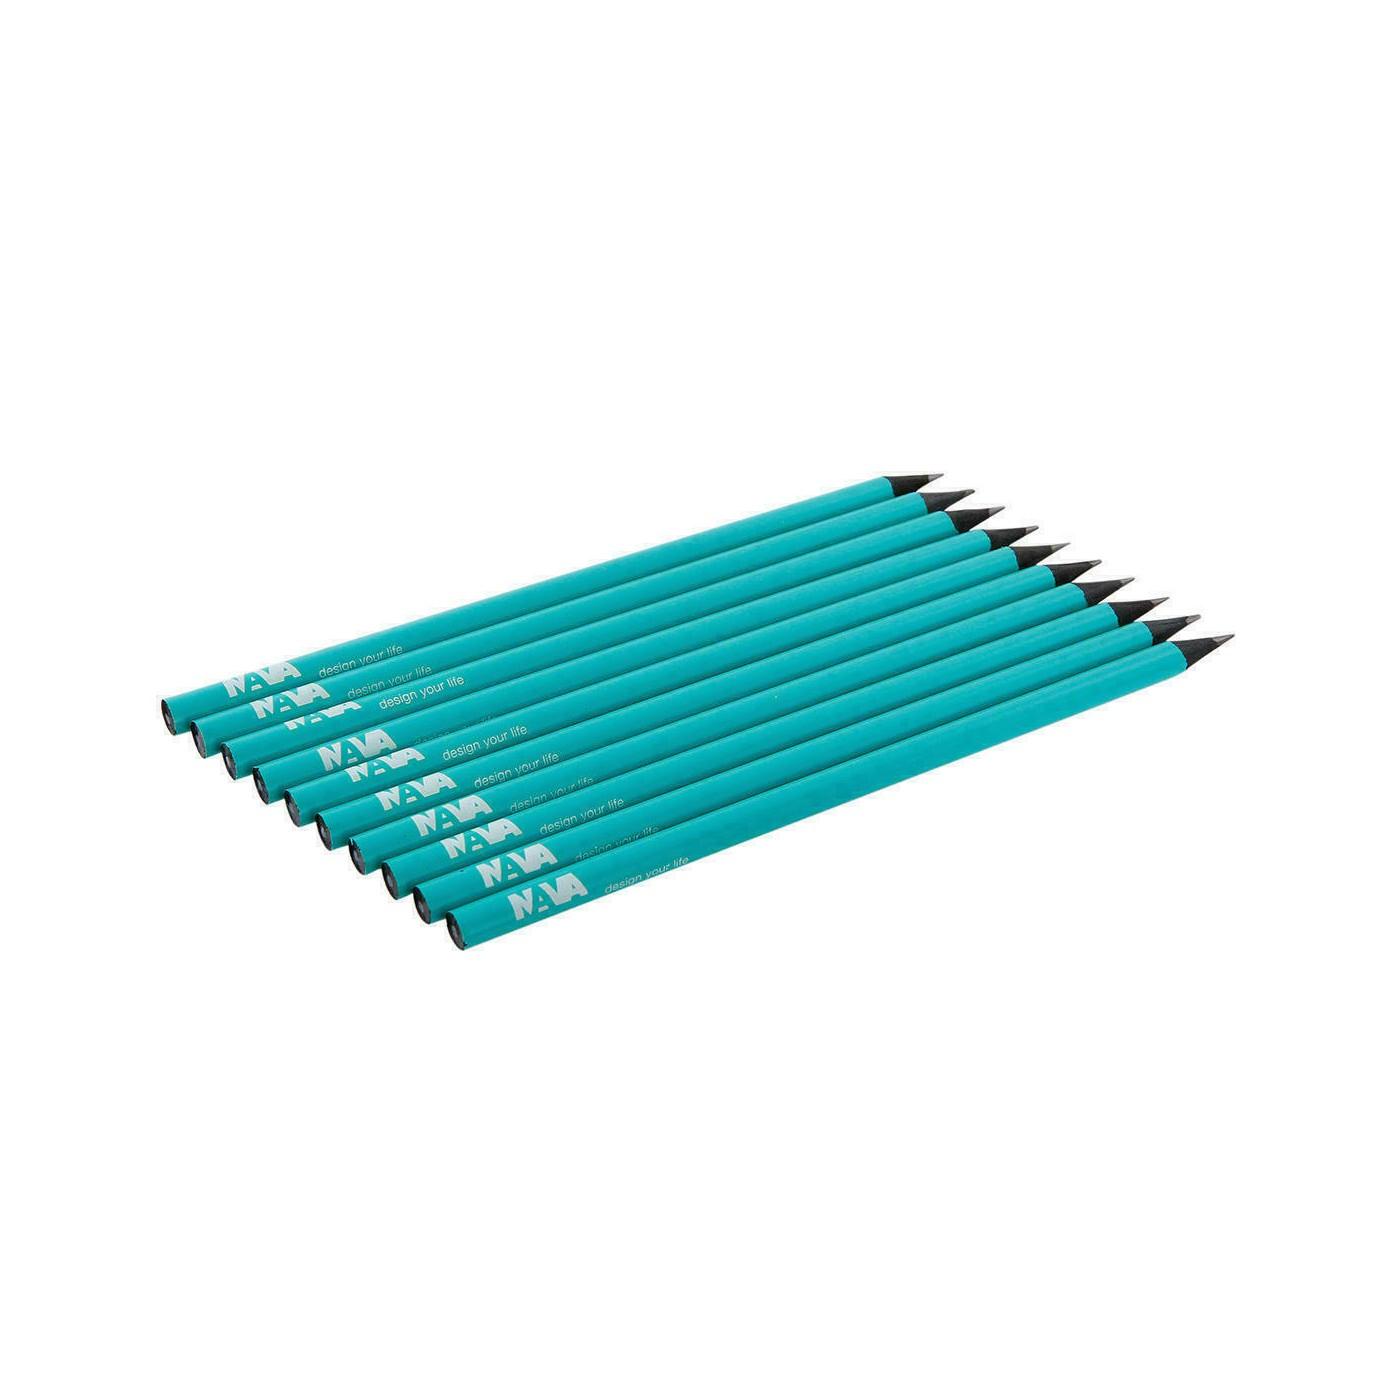 NAVA DESIGN matita in legno a taglio vivo, turchese